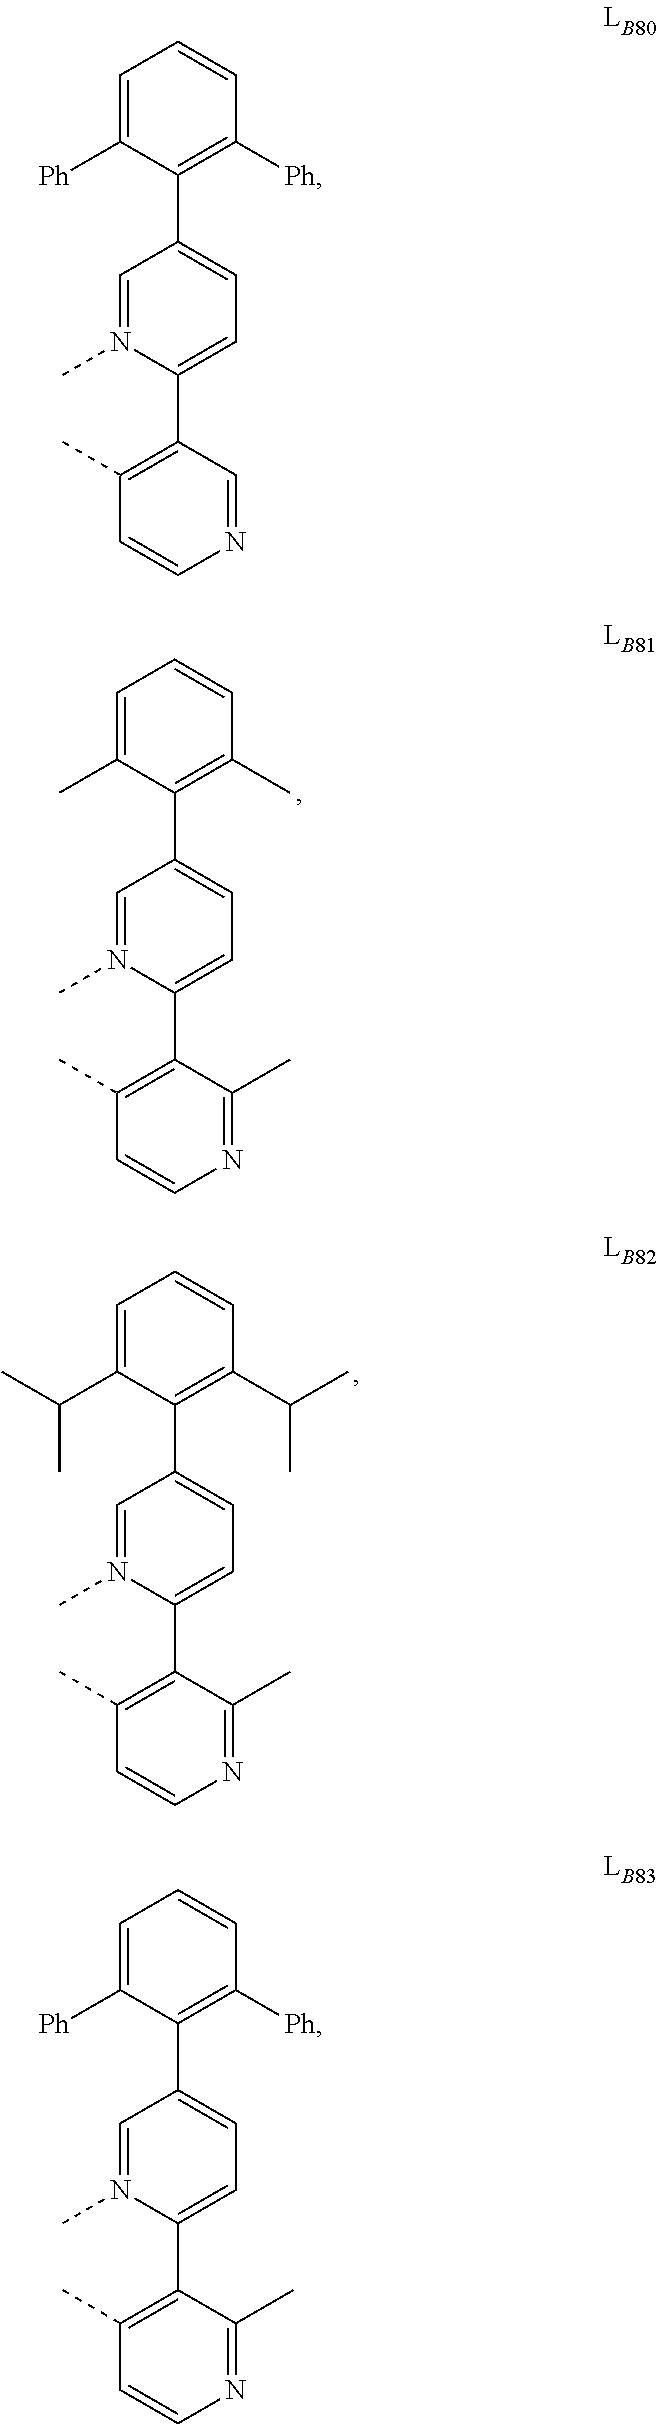 Figure US09905785-20180227-C00515